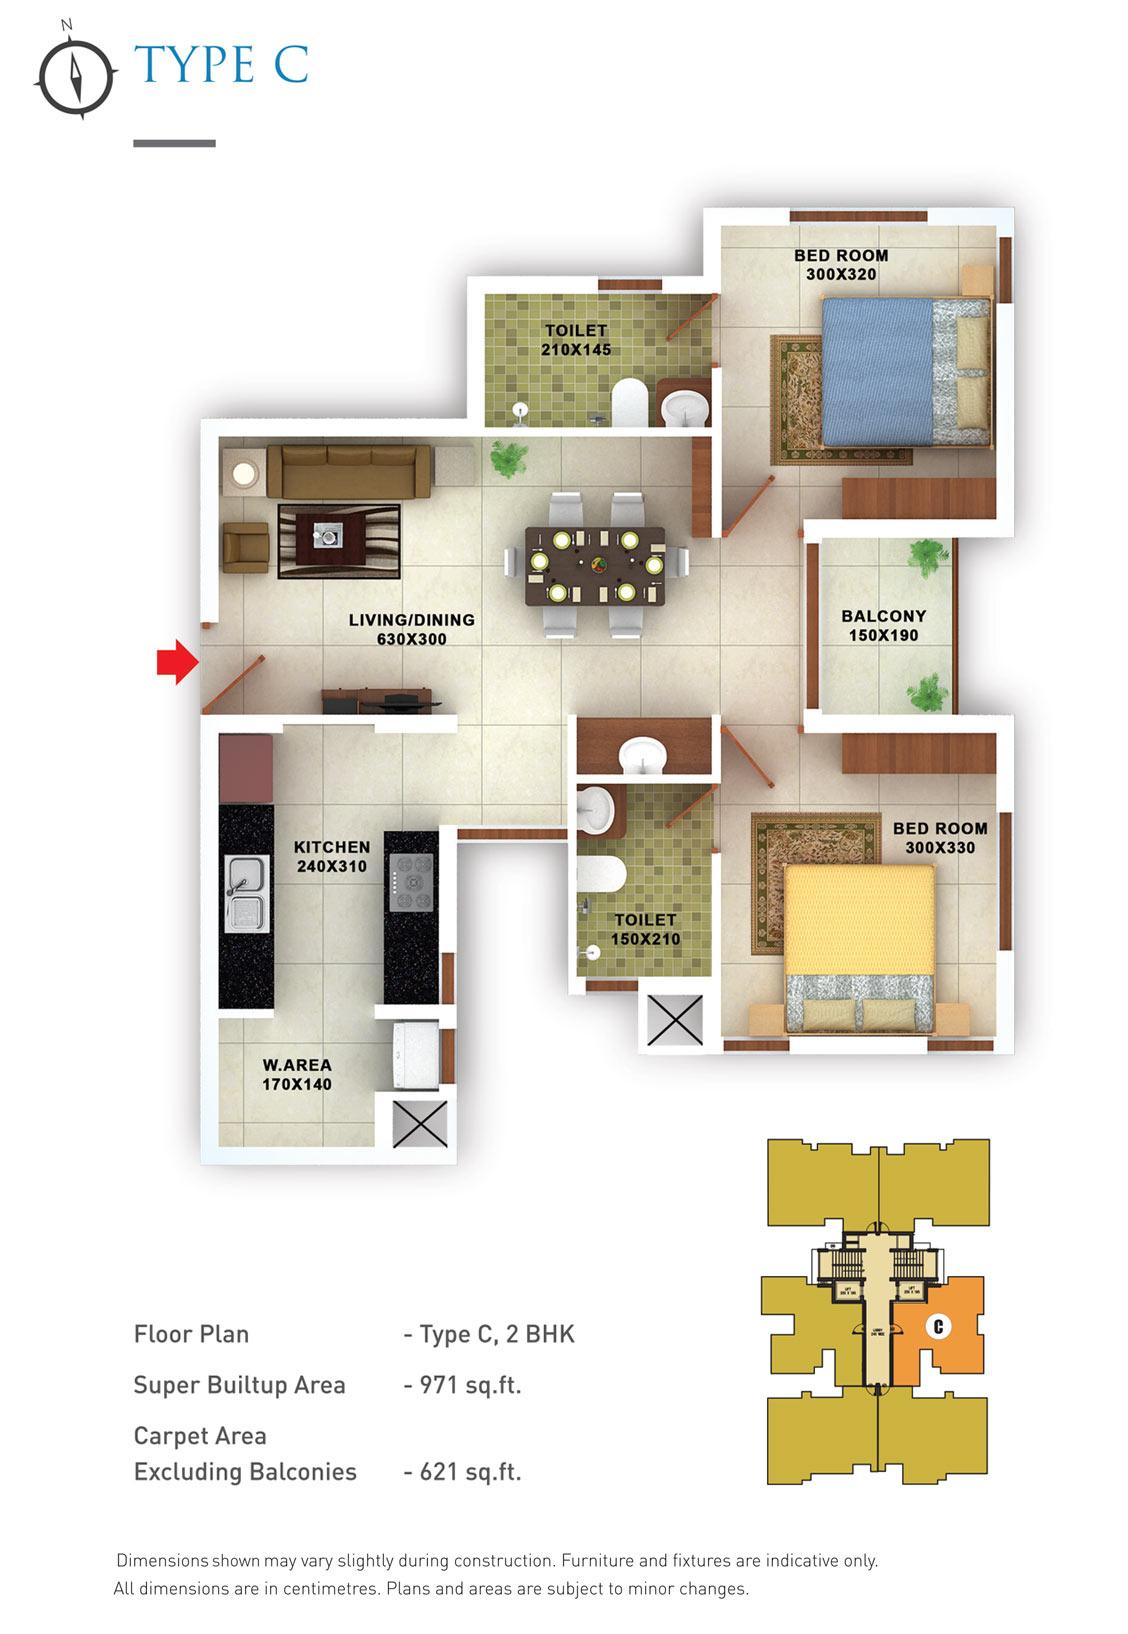 Luxury Apartments Amp Flats In Thirunakkara Kottayam